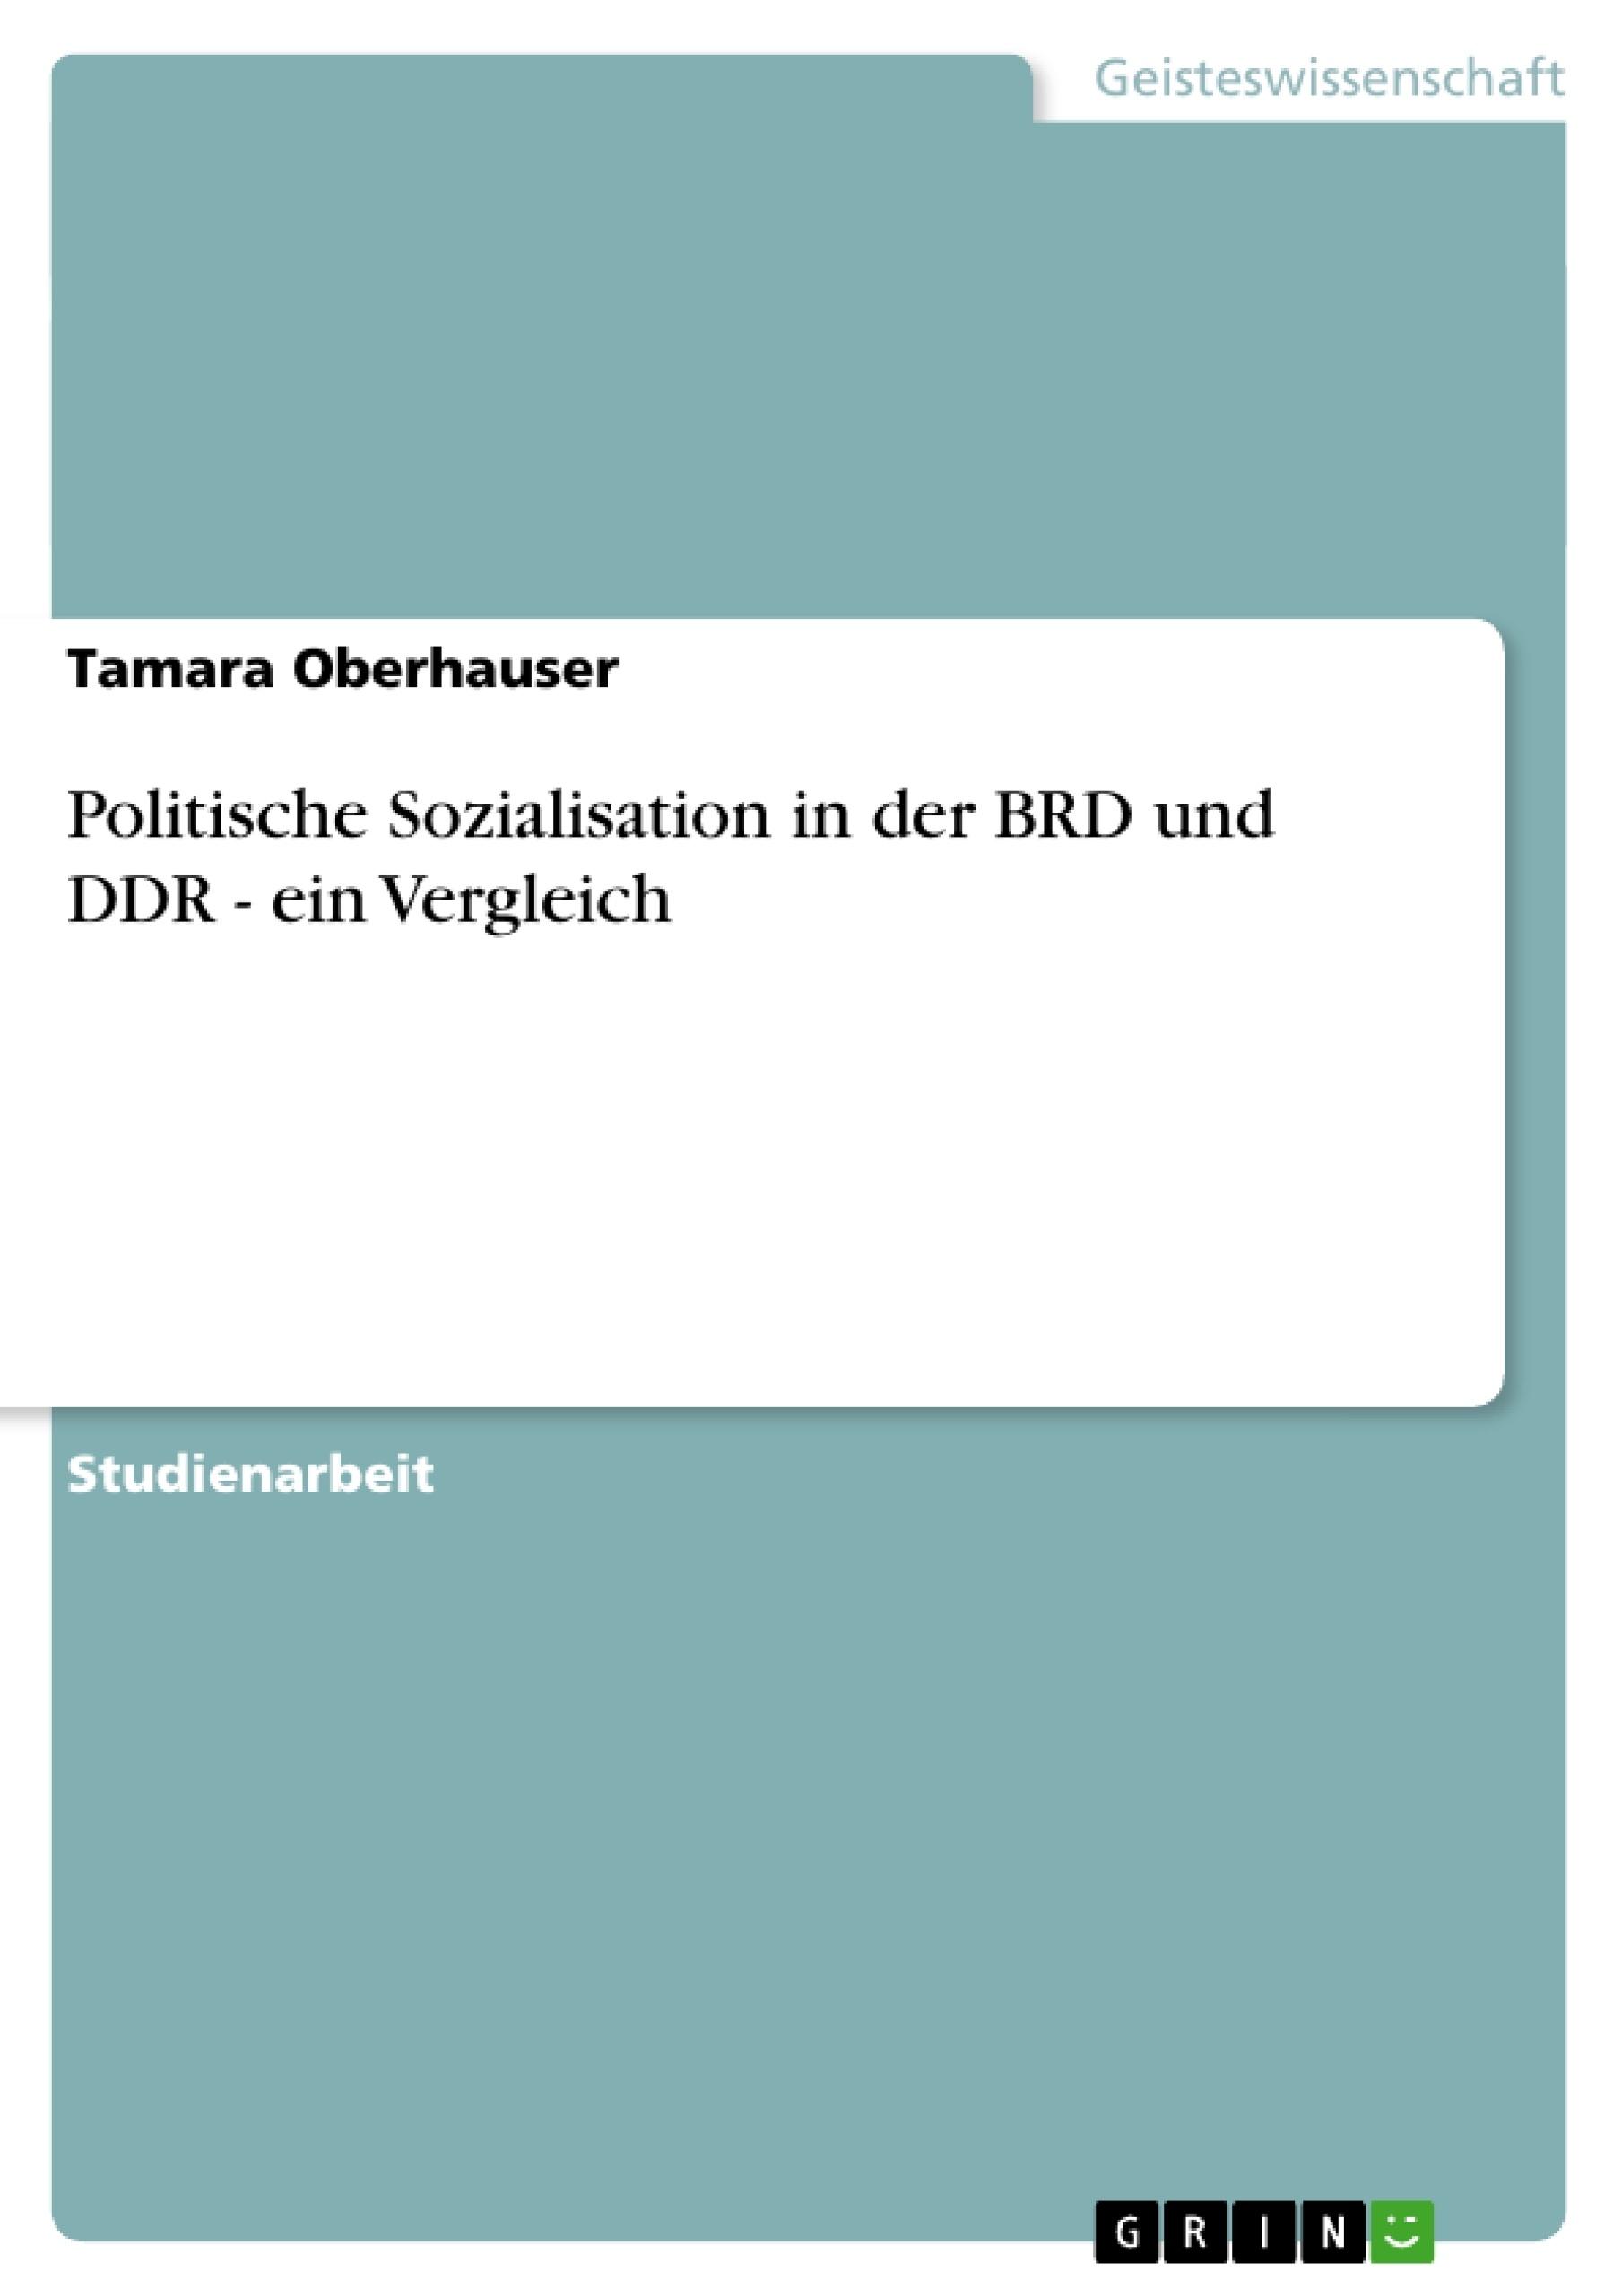 Titel: Politische Sozialisation in der BRD und DDR - ein Vergleich